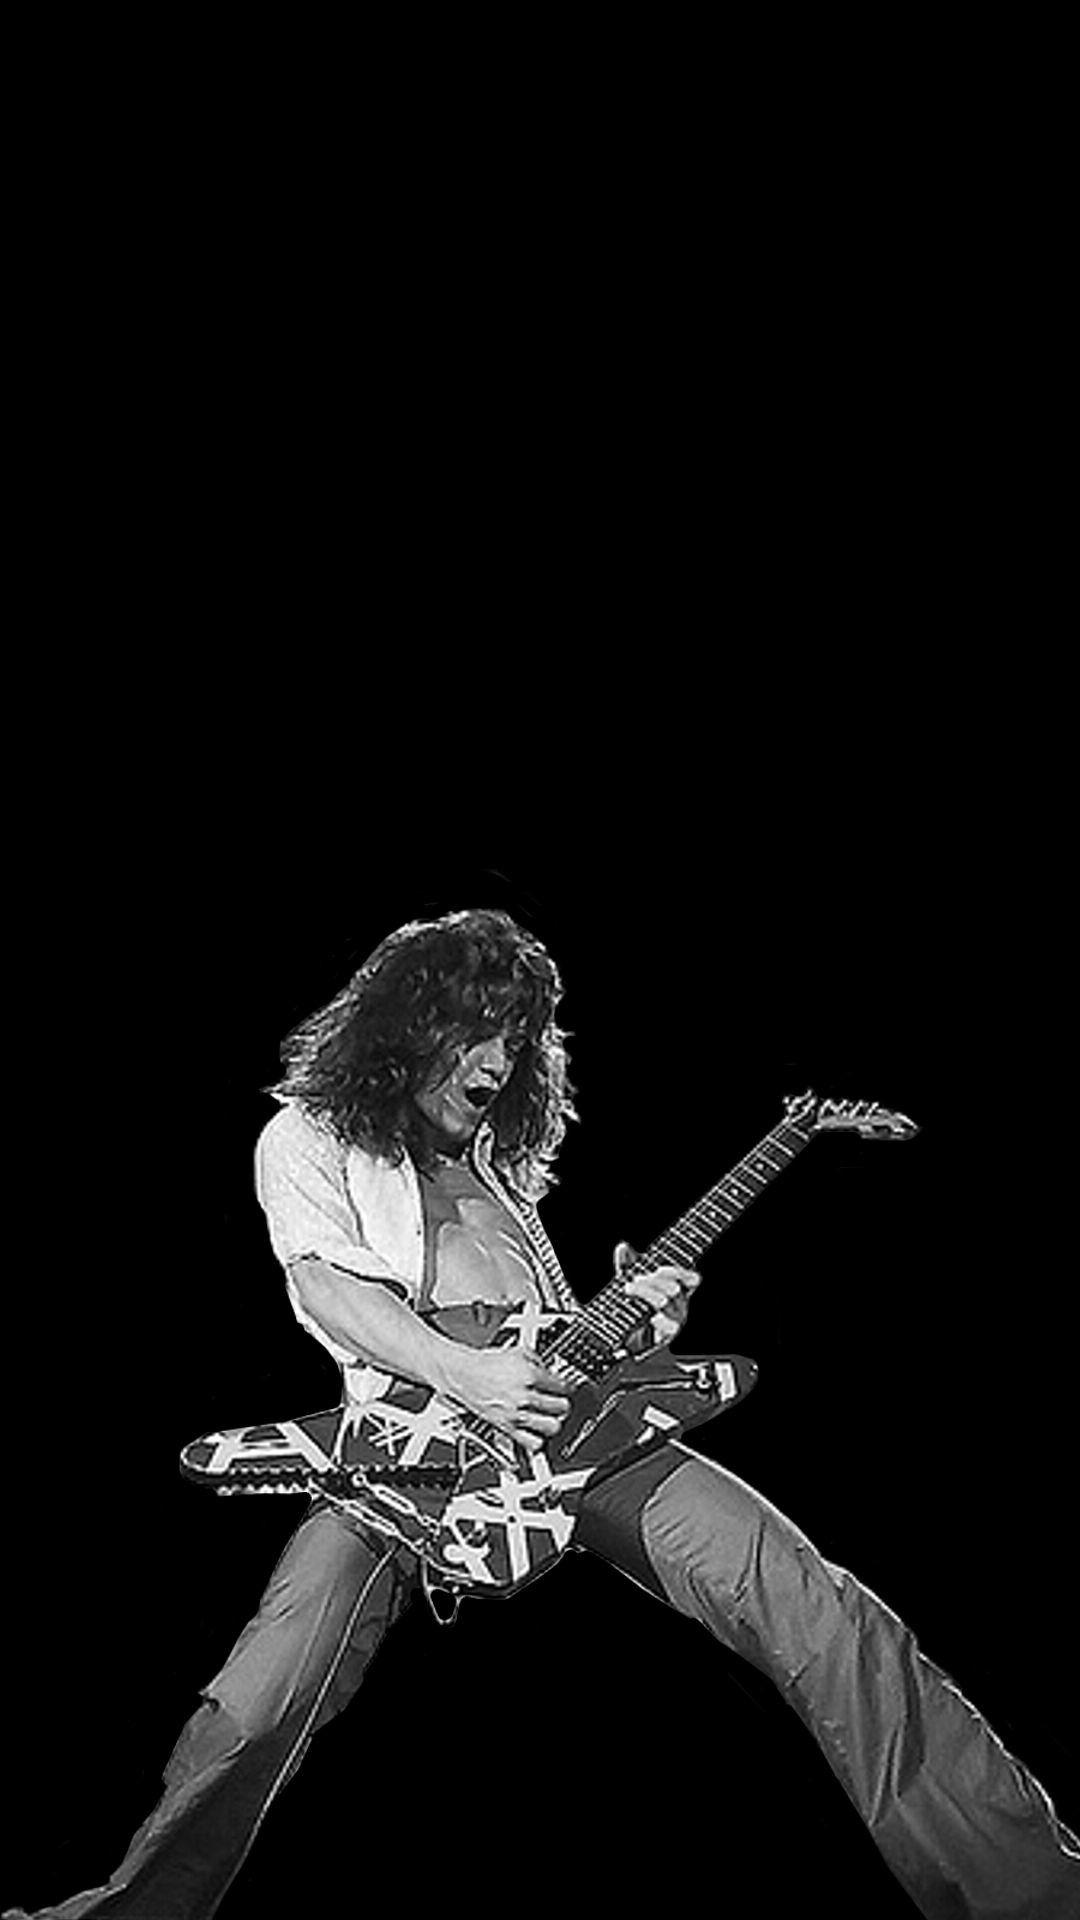 Eddie Van Halen Hd Wallpapers Wallpaper Cave